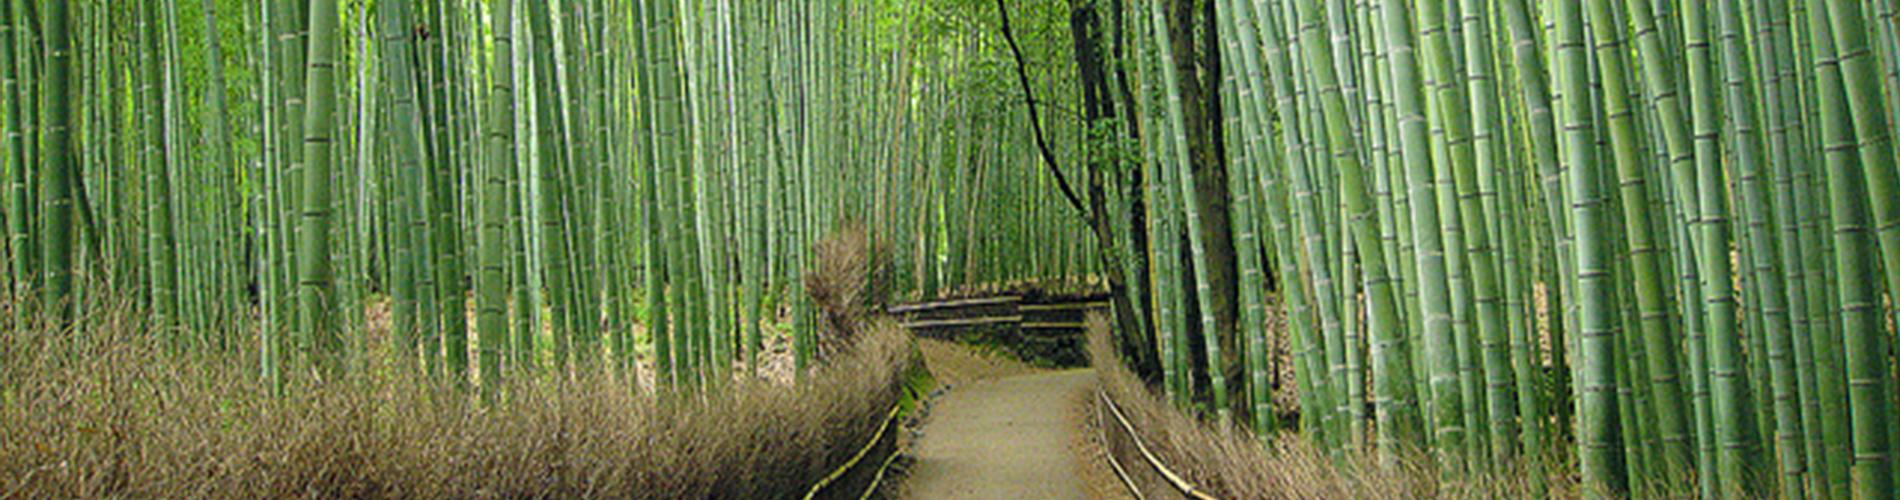 竹のはなし| 京都・嵐山 いしか...